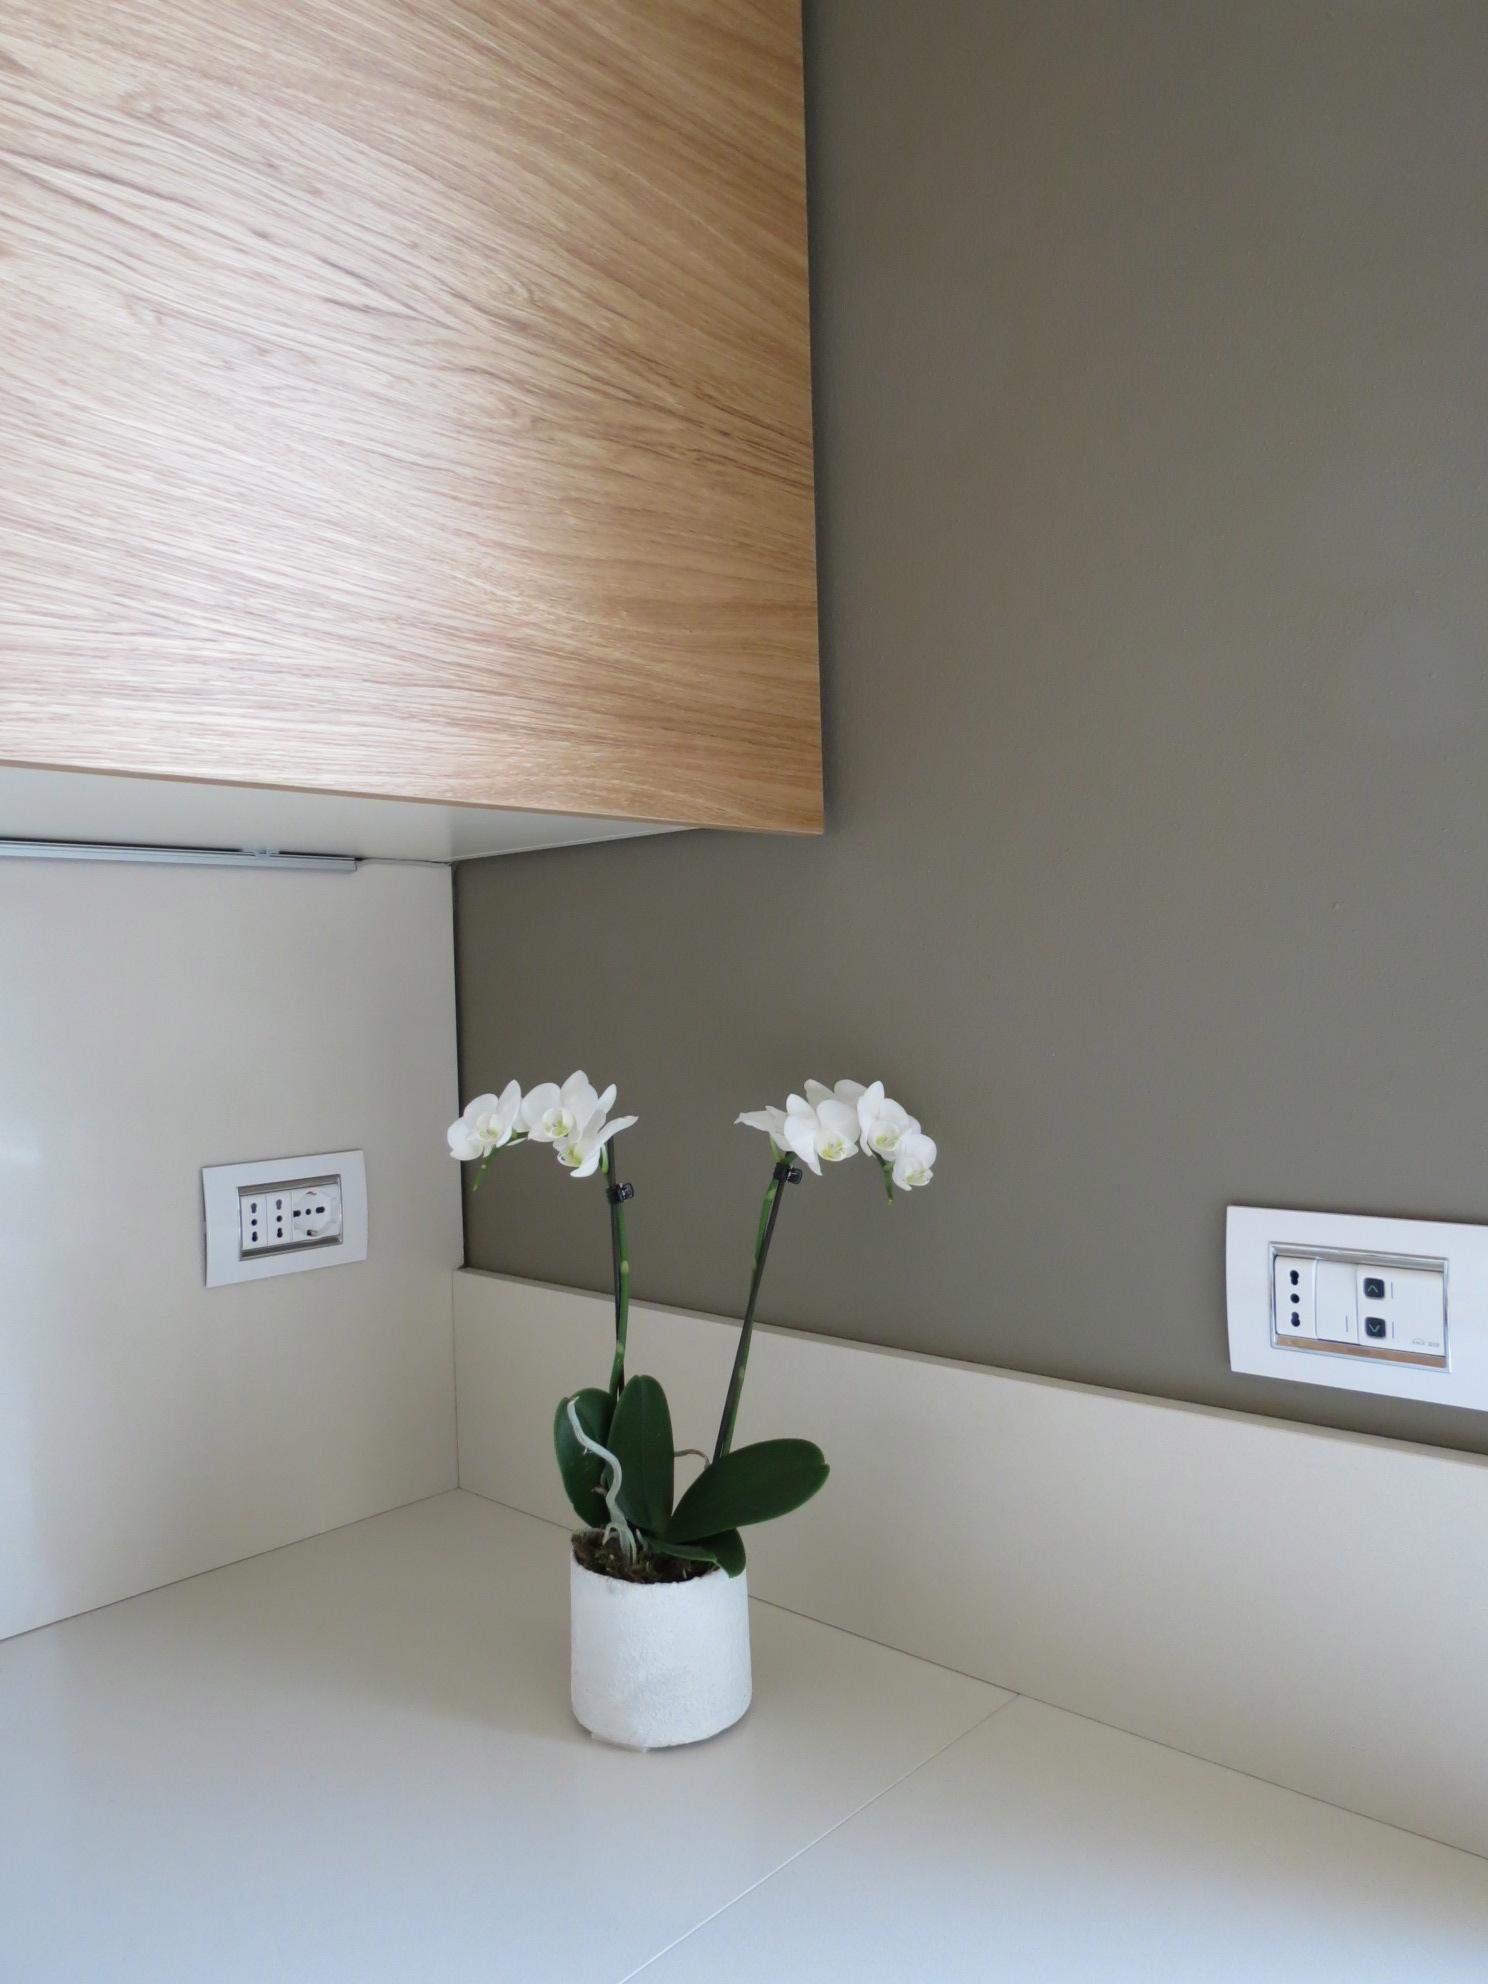 Tasselli Soffitto Cemento ~ Ispirazione design casa